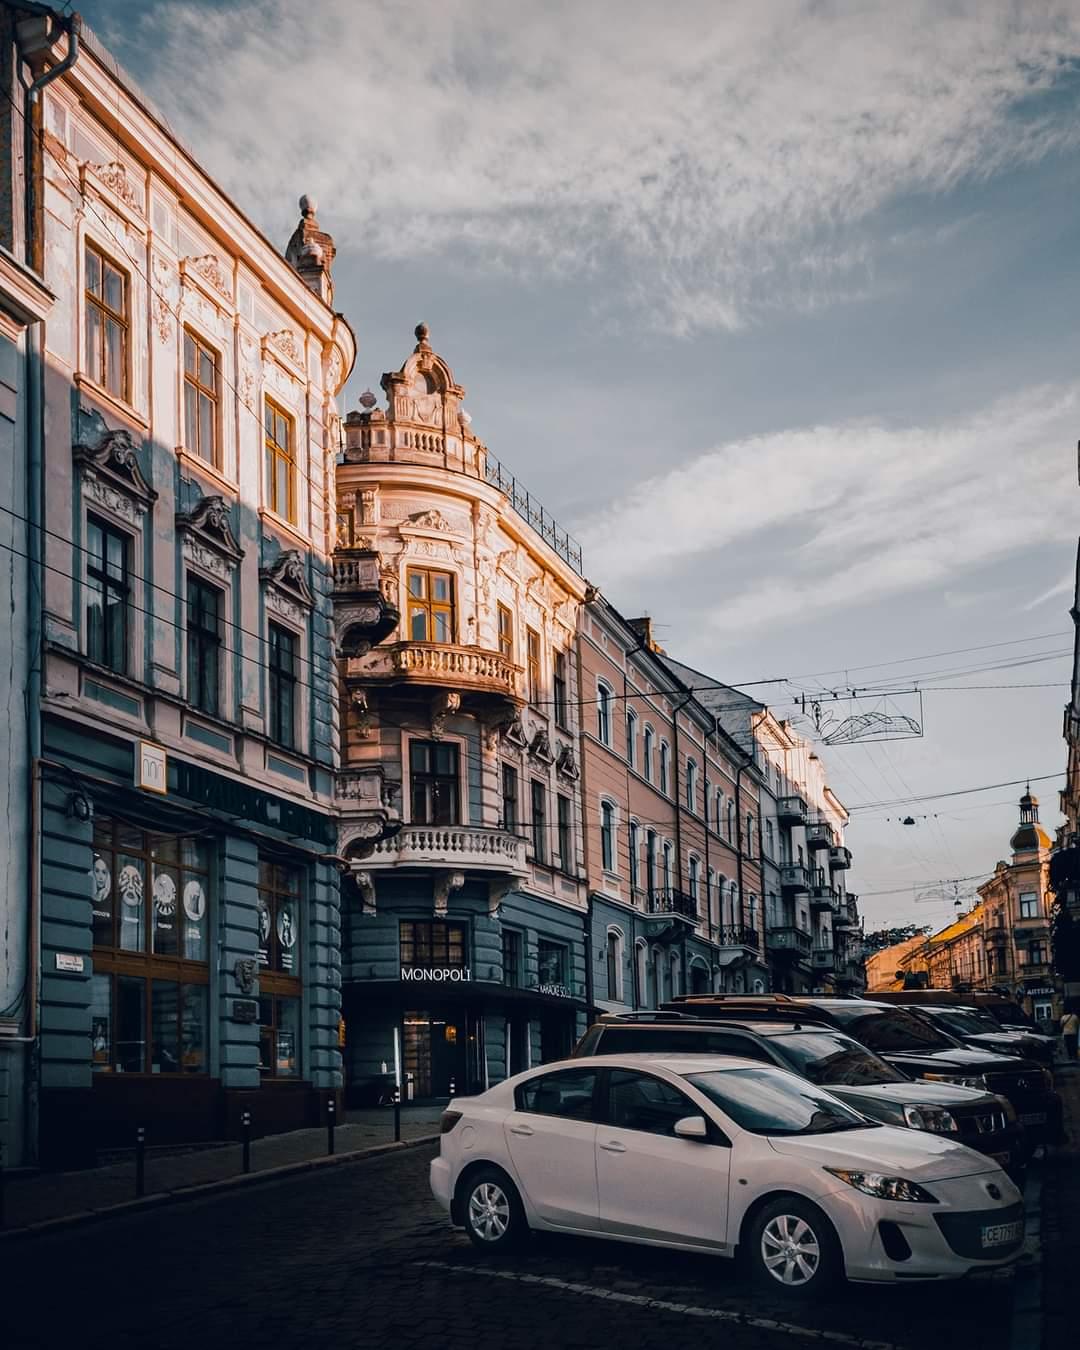 Car Parking in Ukraine